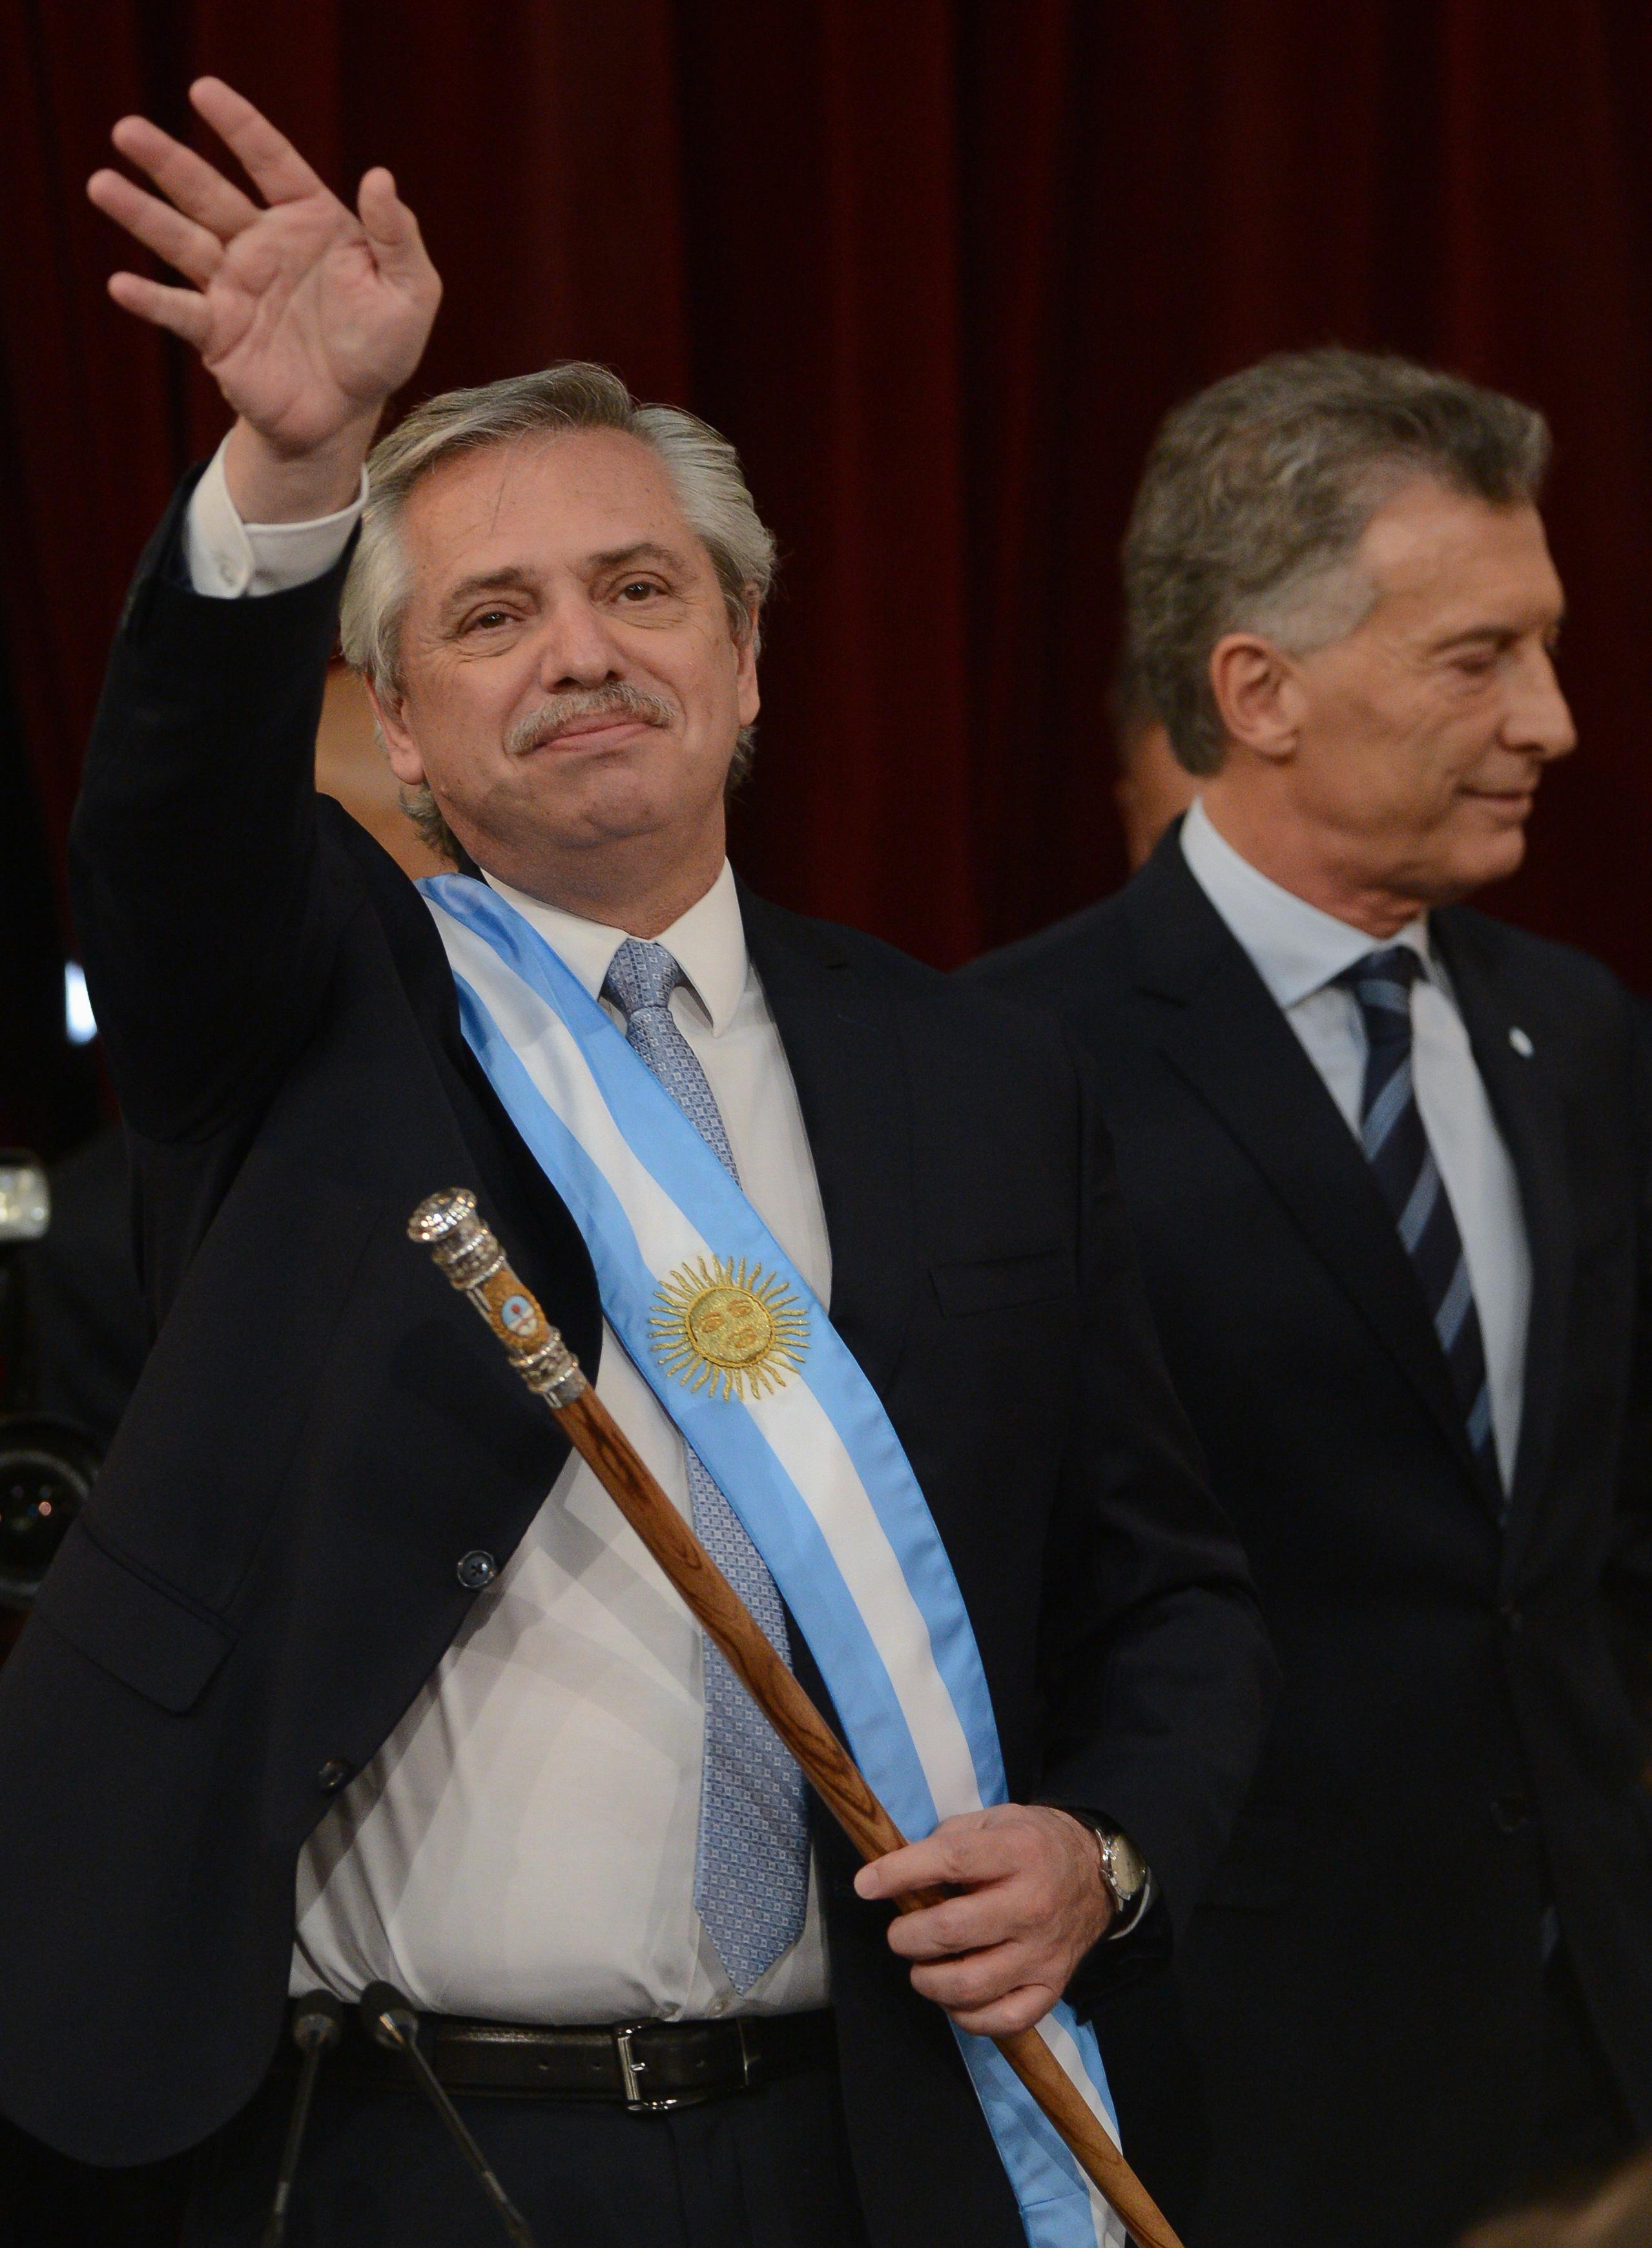 Alberto Fernández saluda con los atributos presidenciales antes de dar su discurso